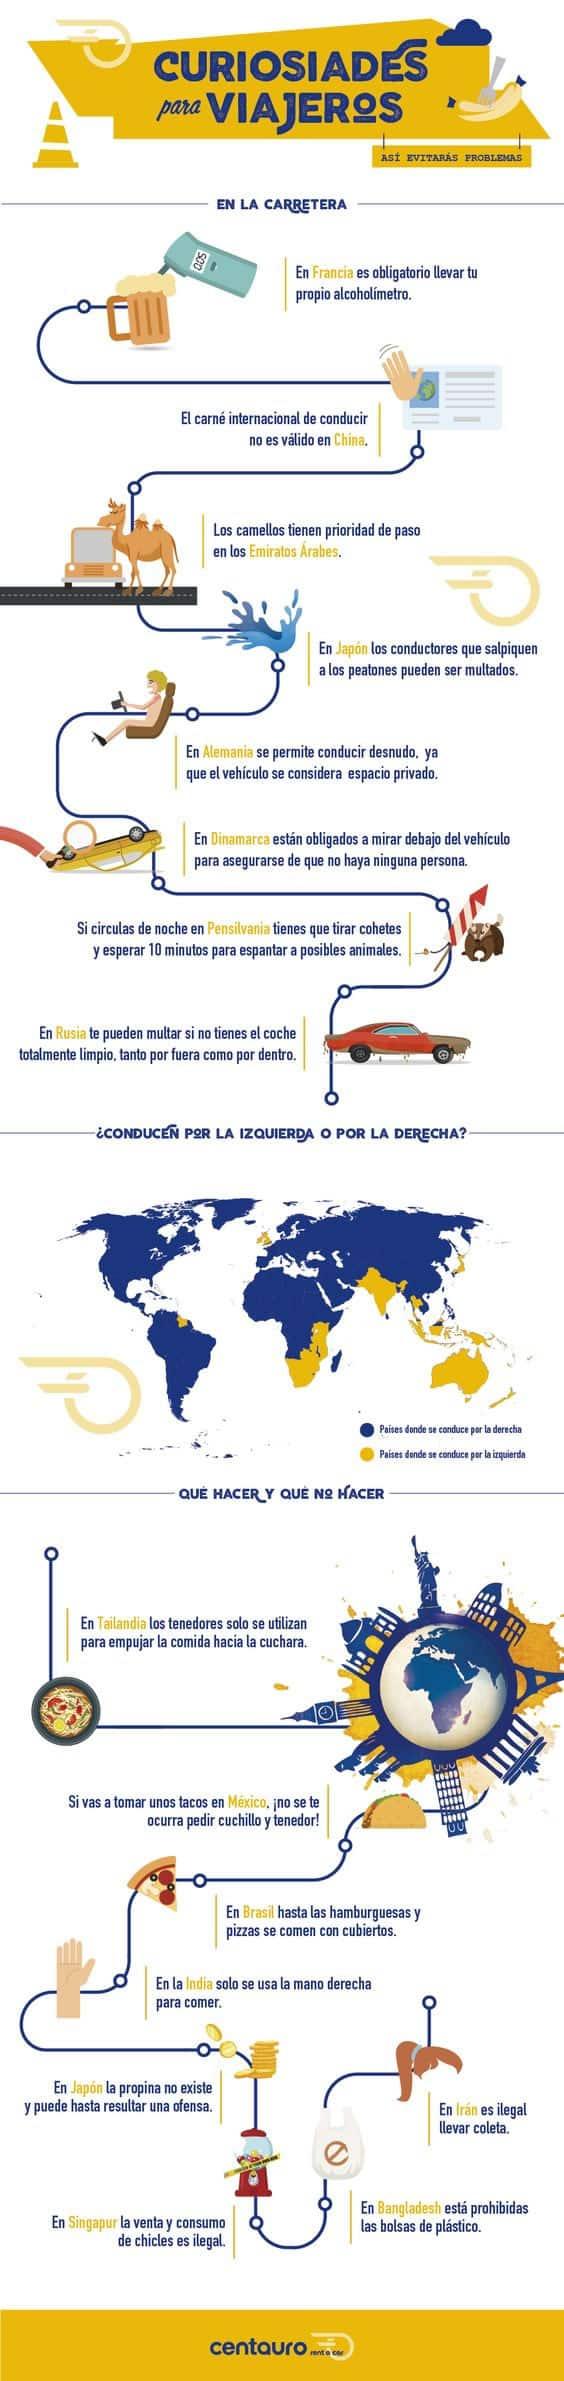 Infografia sobre Curiosidades para viajeros